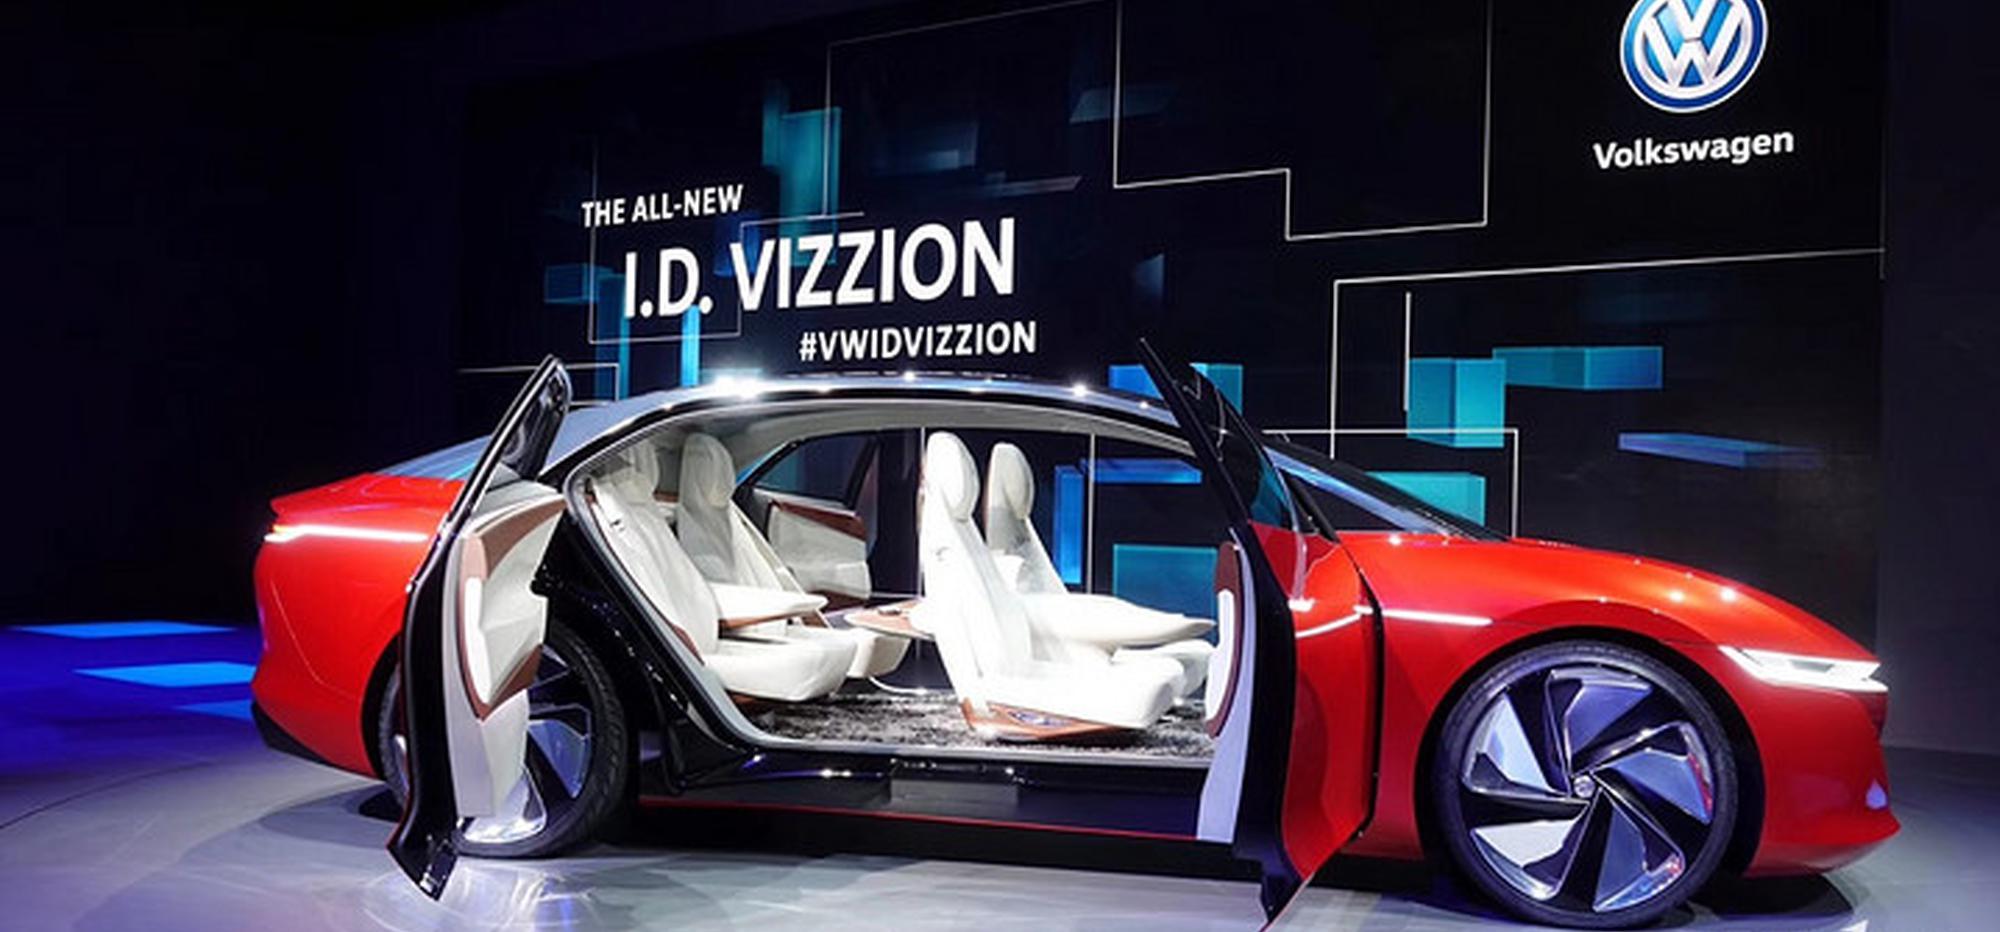 首款大众汽车品牌I.D.车型